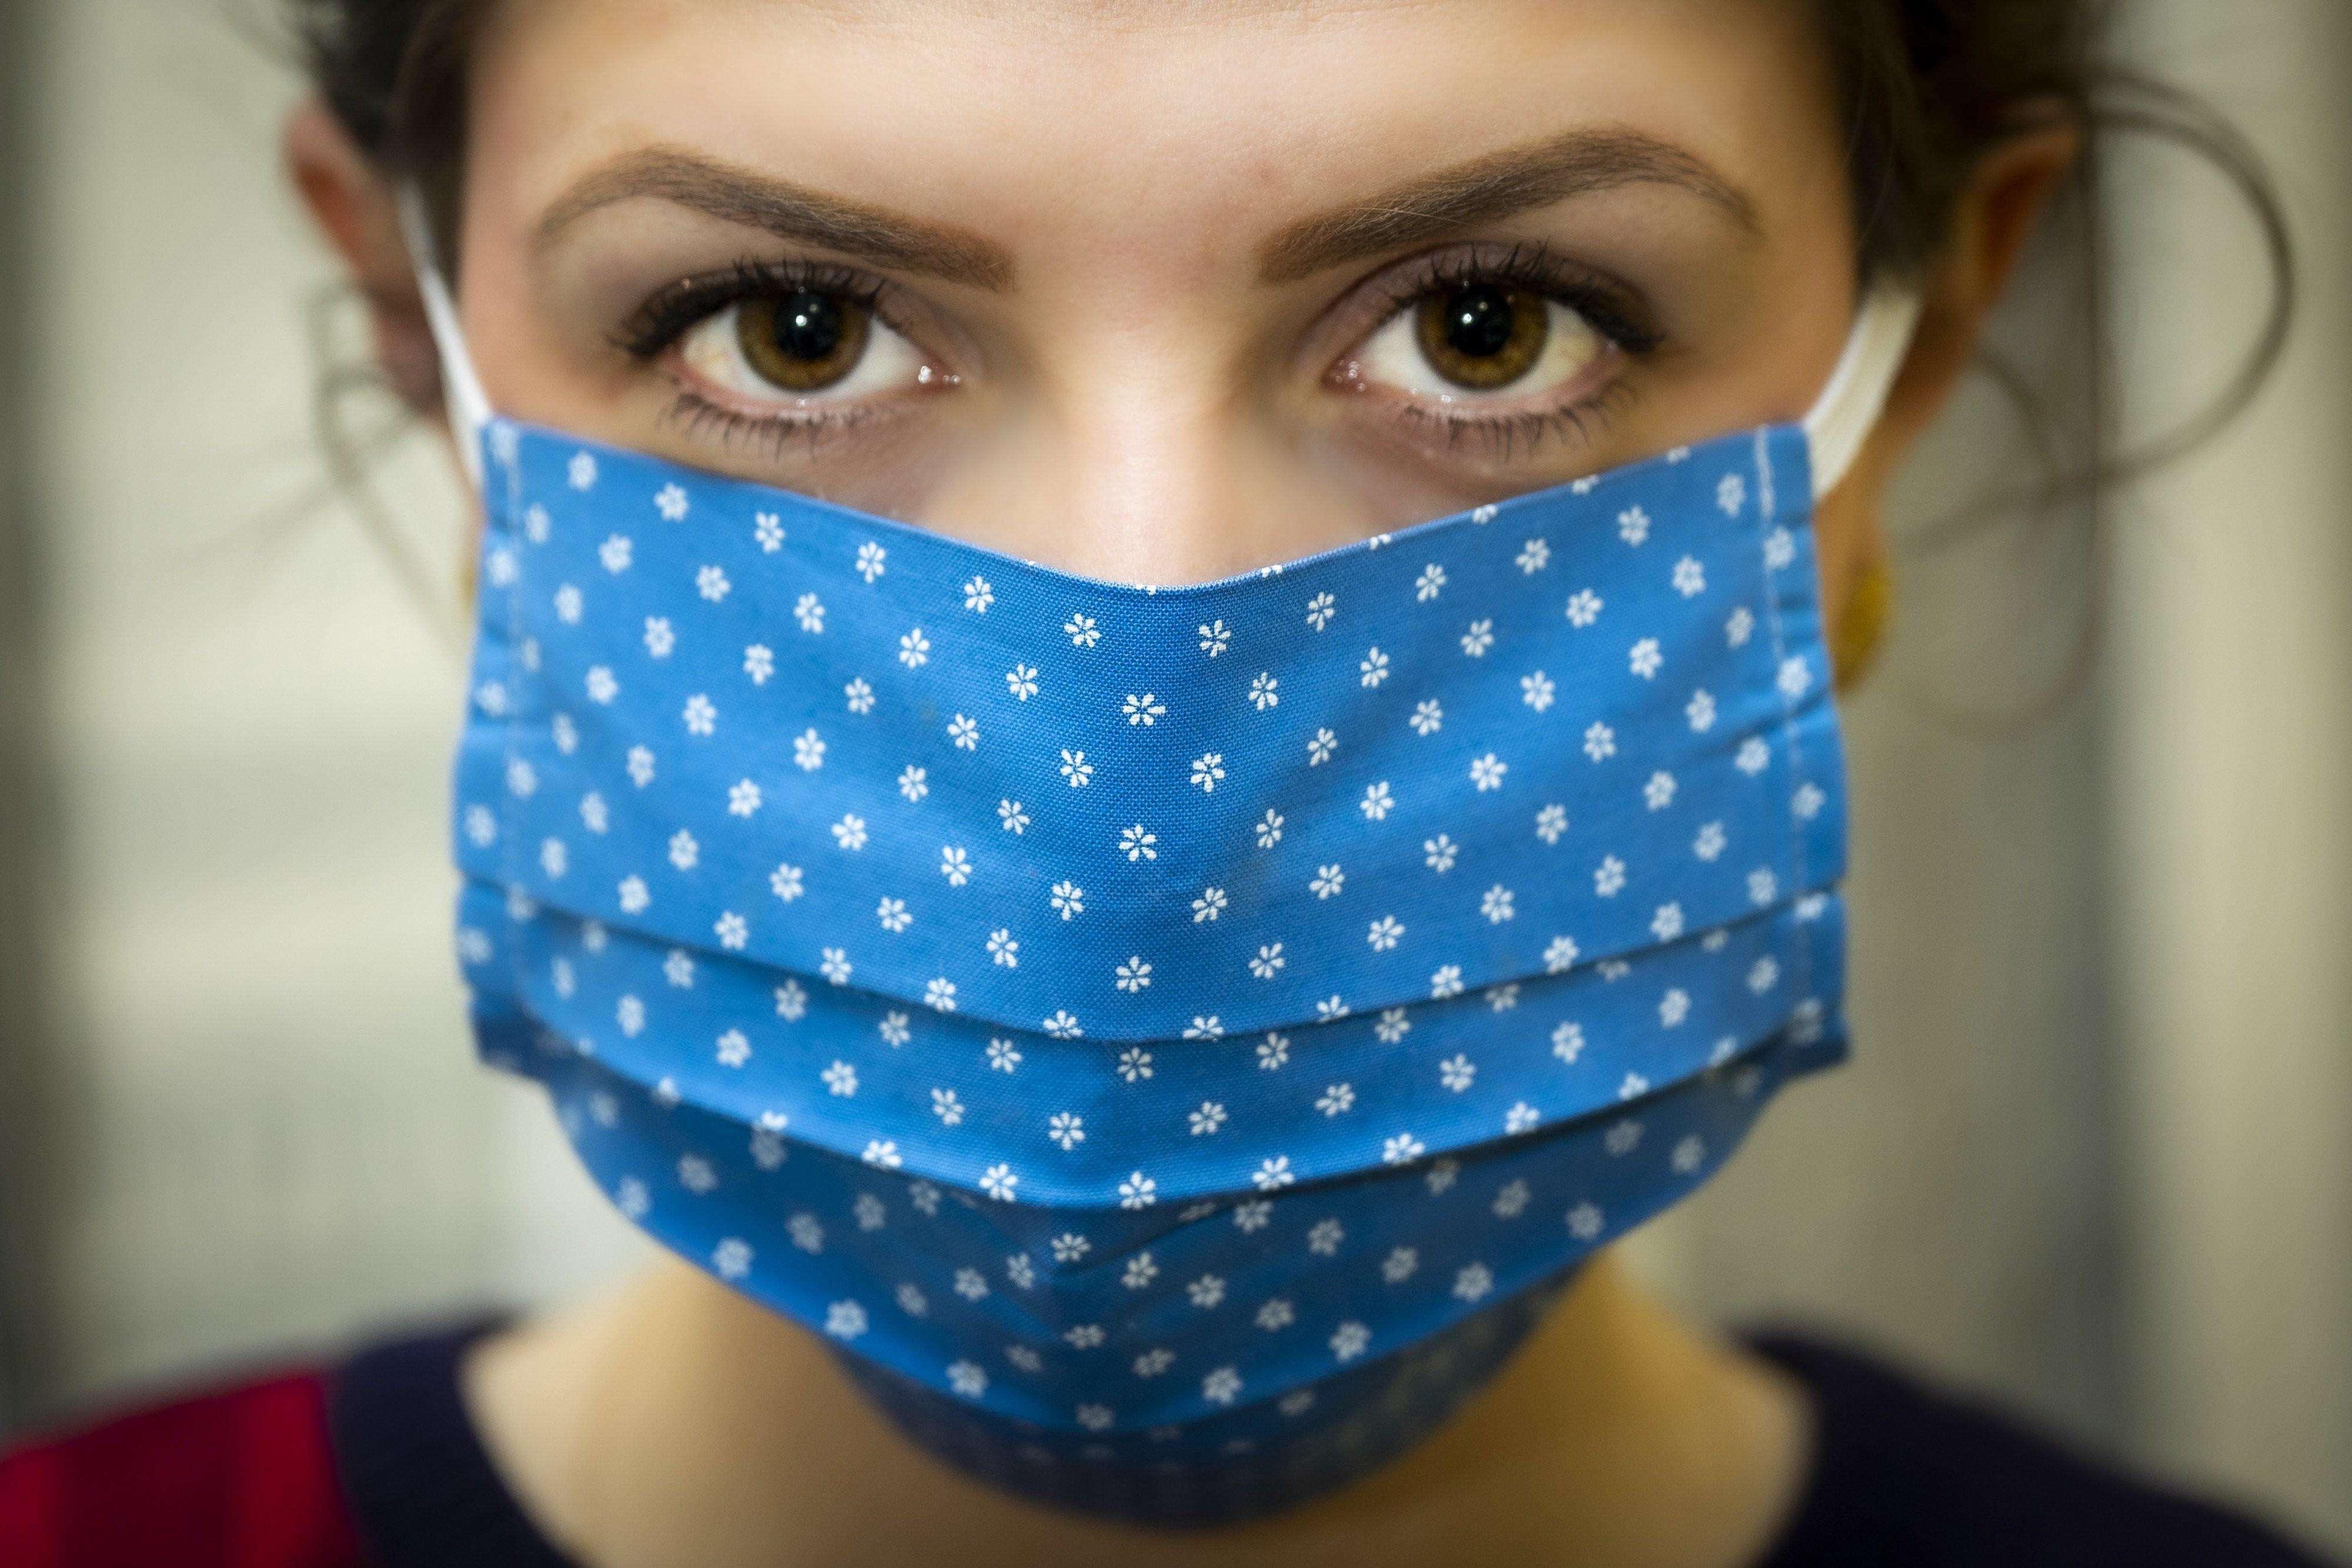 कोरोनावायरस: वैज्ञानिकों ने 99.99 प्रतिशत वायरस मारने वाला मास्क विकसित किया,जानें